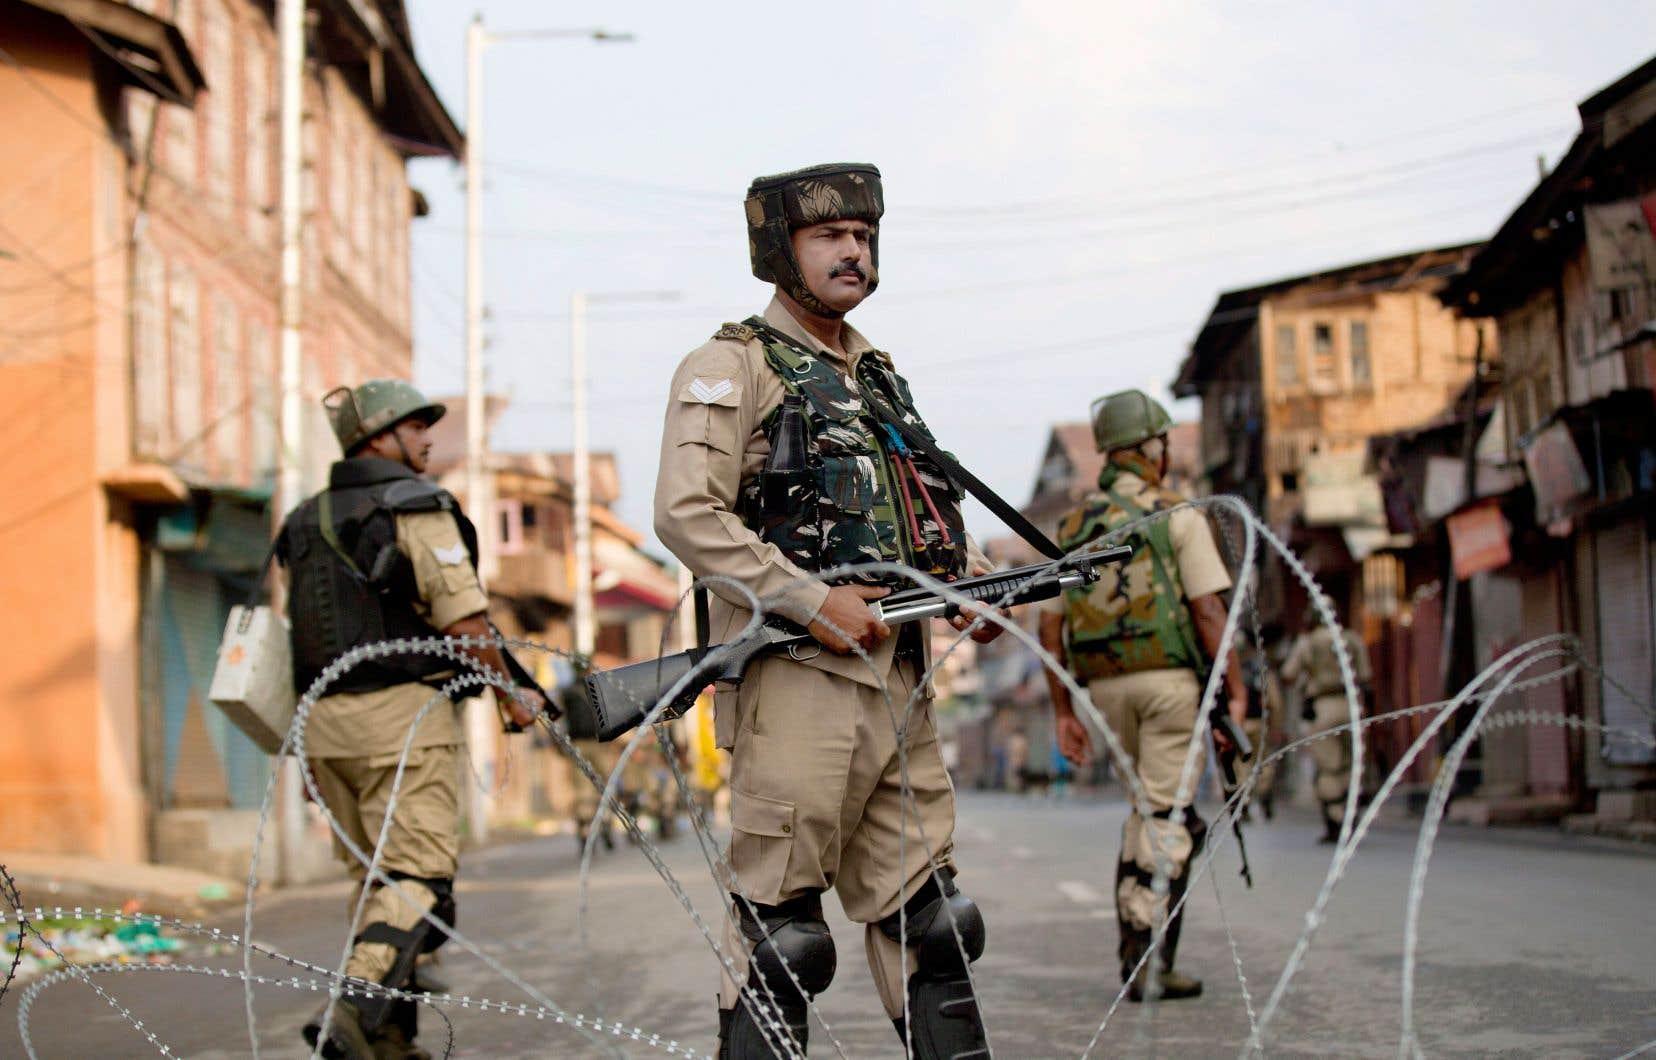 Des paramilitaires indiens montent la garde pendant le couvre-feu à Srinagar, une grande ville du Cachemire sous contrôle indien.